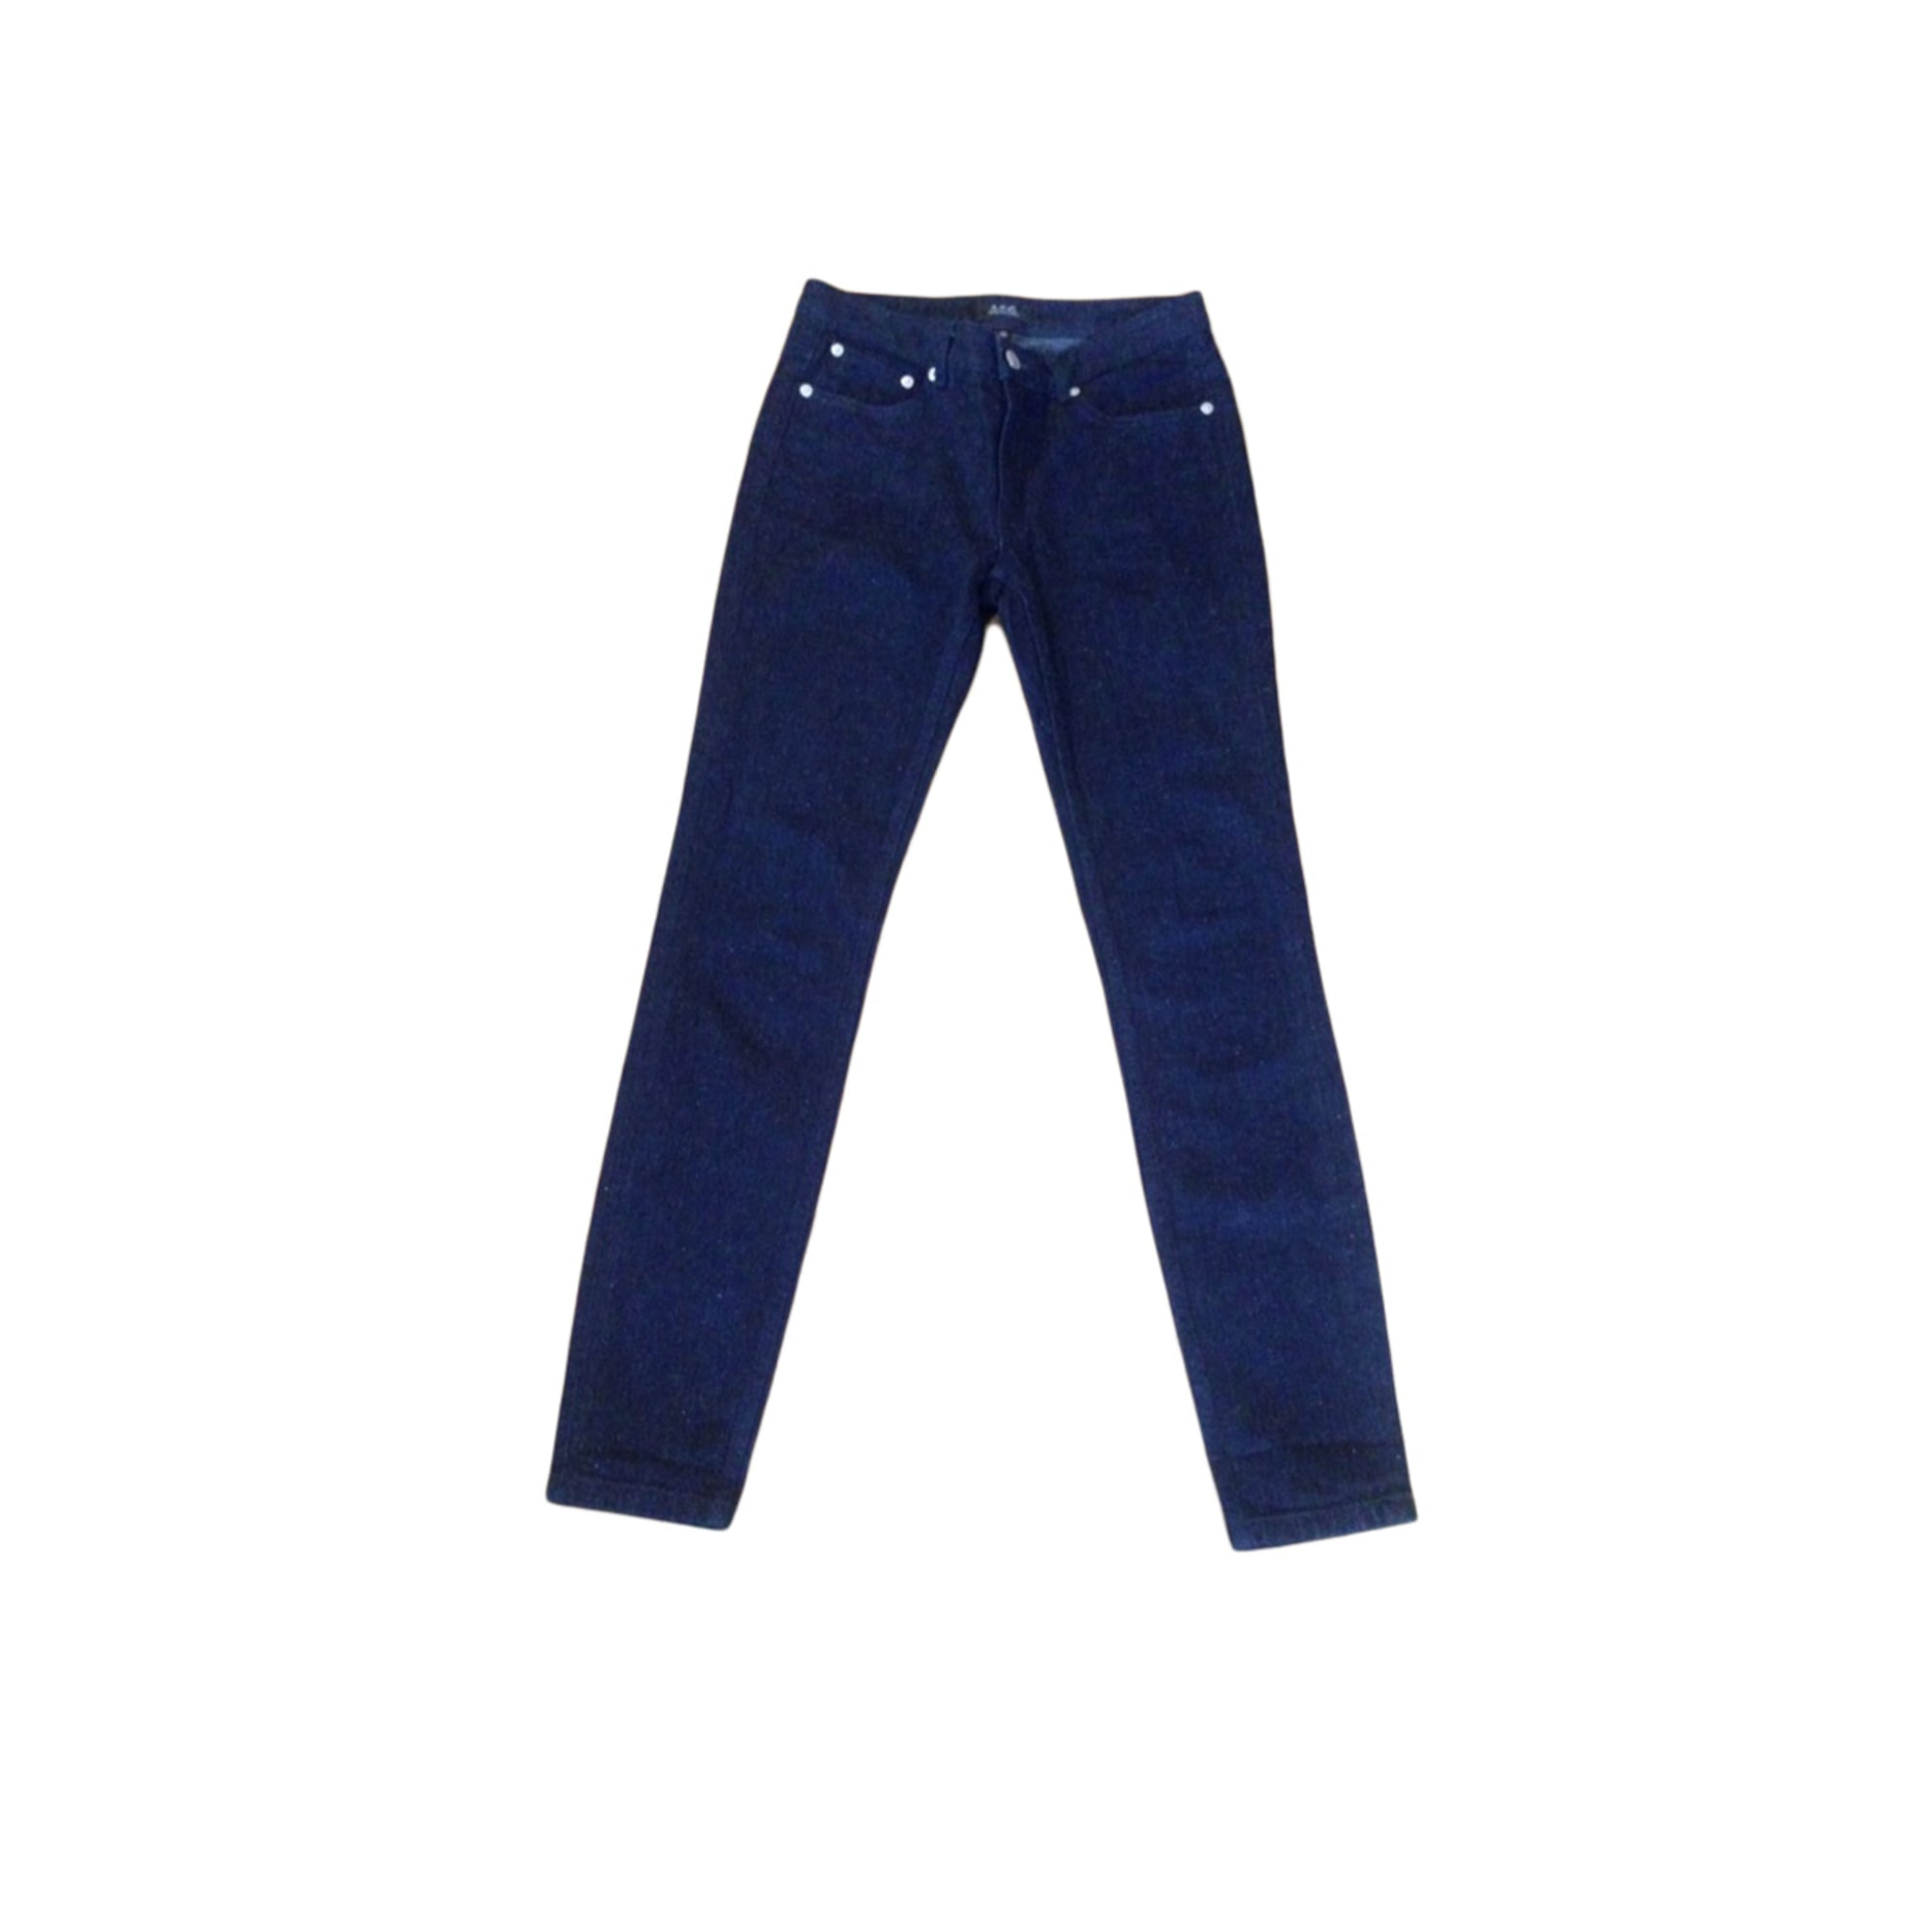 Pantalon slim, cigarette APC Bleu, bleu marine, bleu turquoise